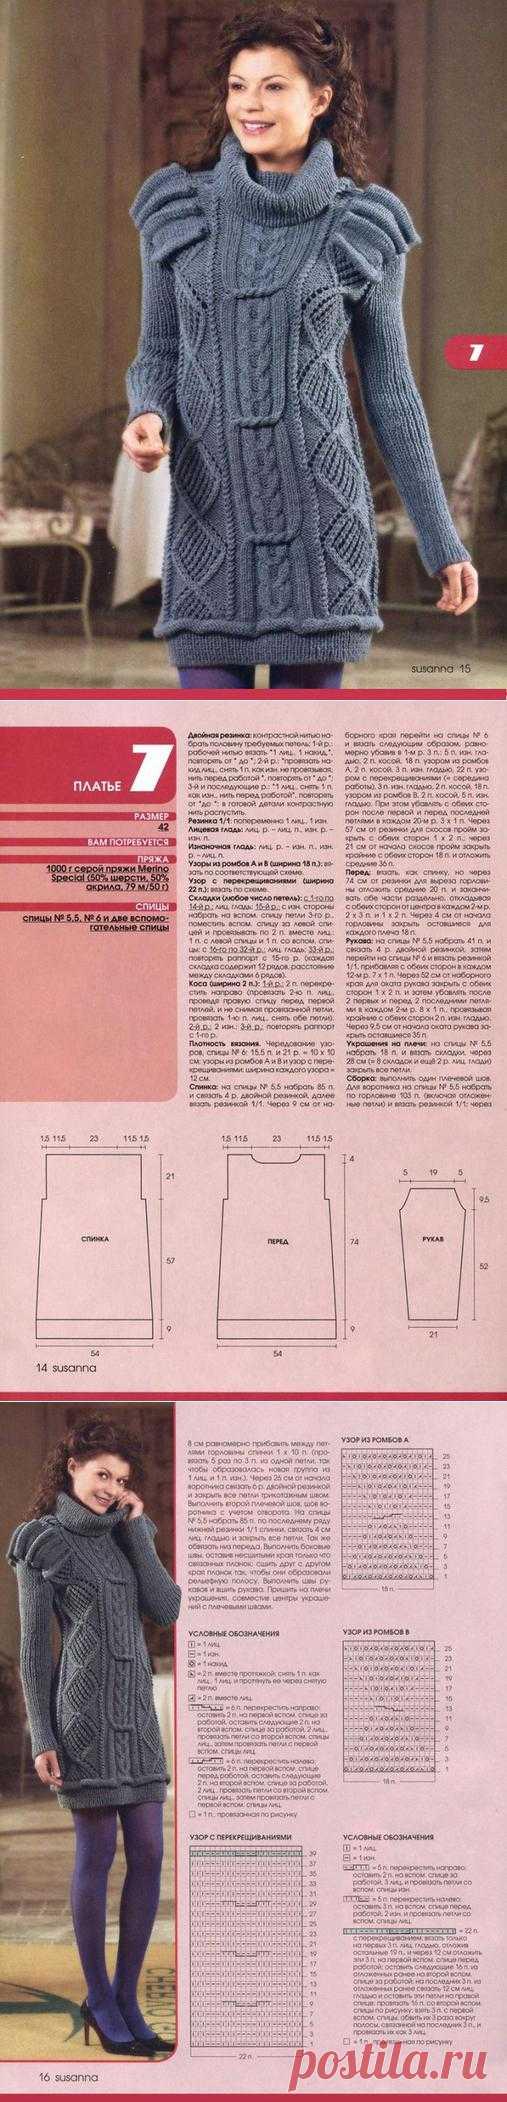 Блоги@Mail.Ru: Стильное платье спицами